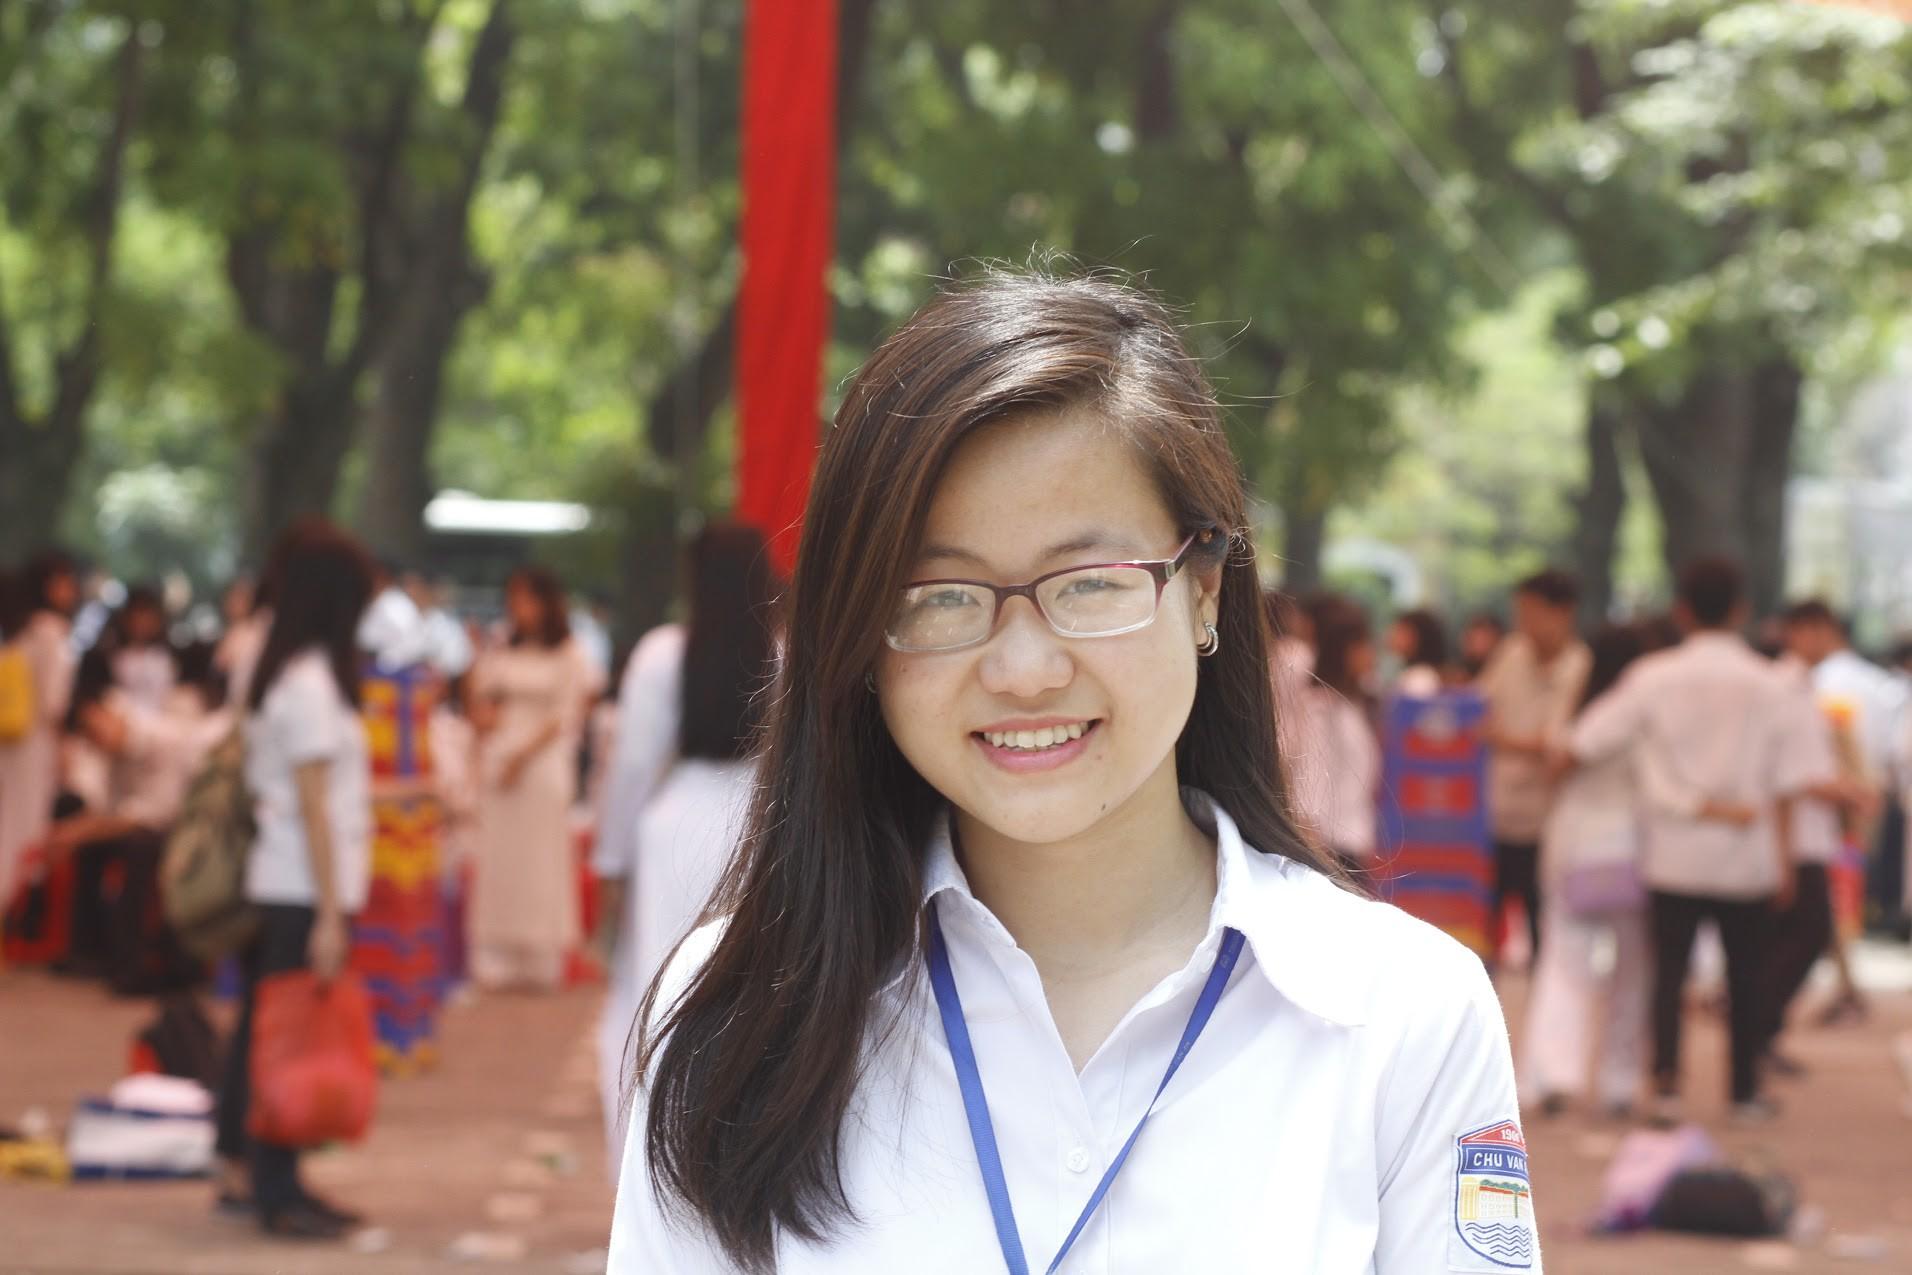 Hành trình nỗ lực giành học bổng top 8 Ivy League tại Mỹ của nữ sinh 19 tuổi - Ảnh 2.